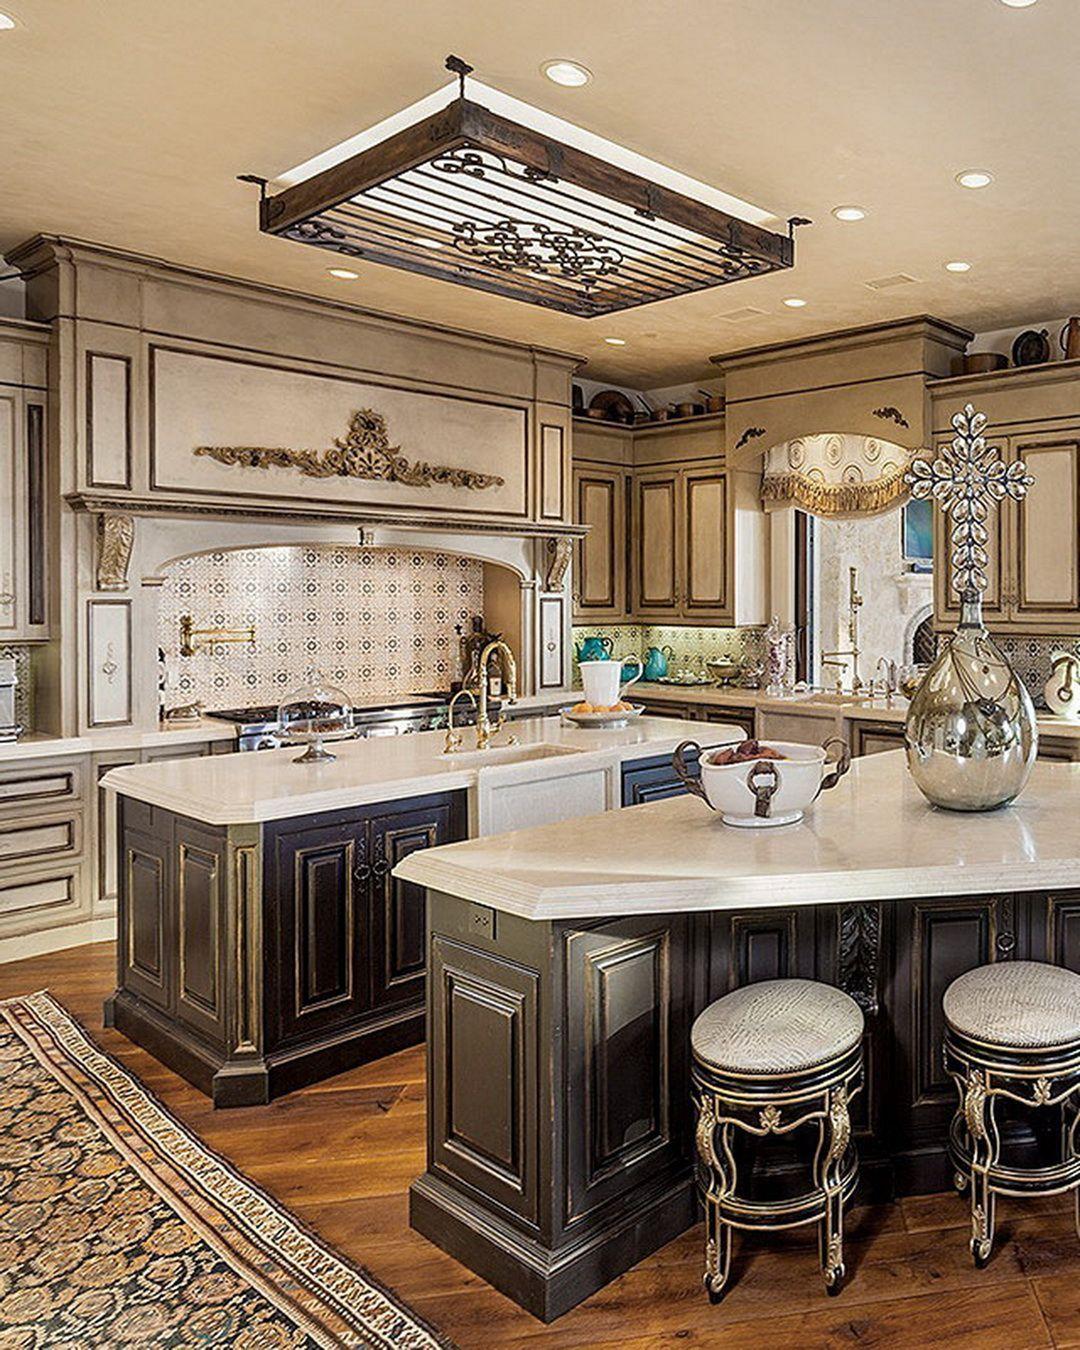 15 Most Popular Luxury Kitchen Ideas That Will Make You Want To Have It Luxury Kitchens Luxury Kitchen Kitchen Design